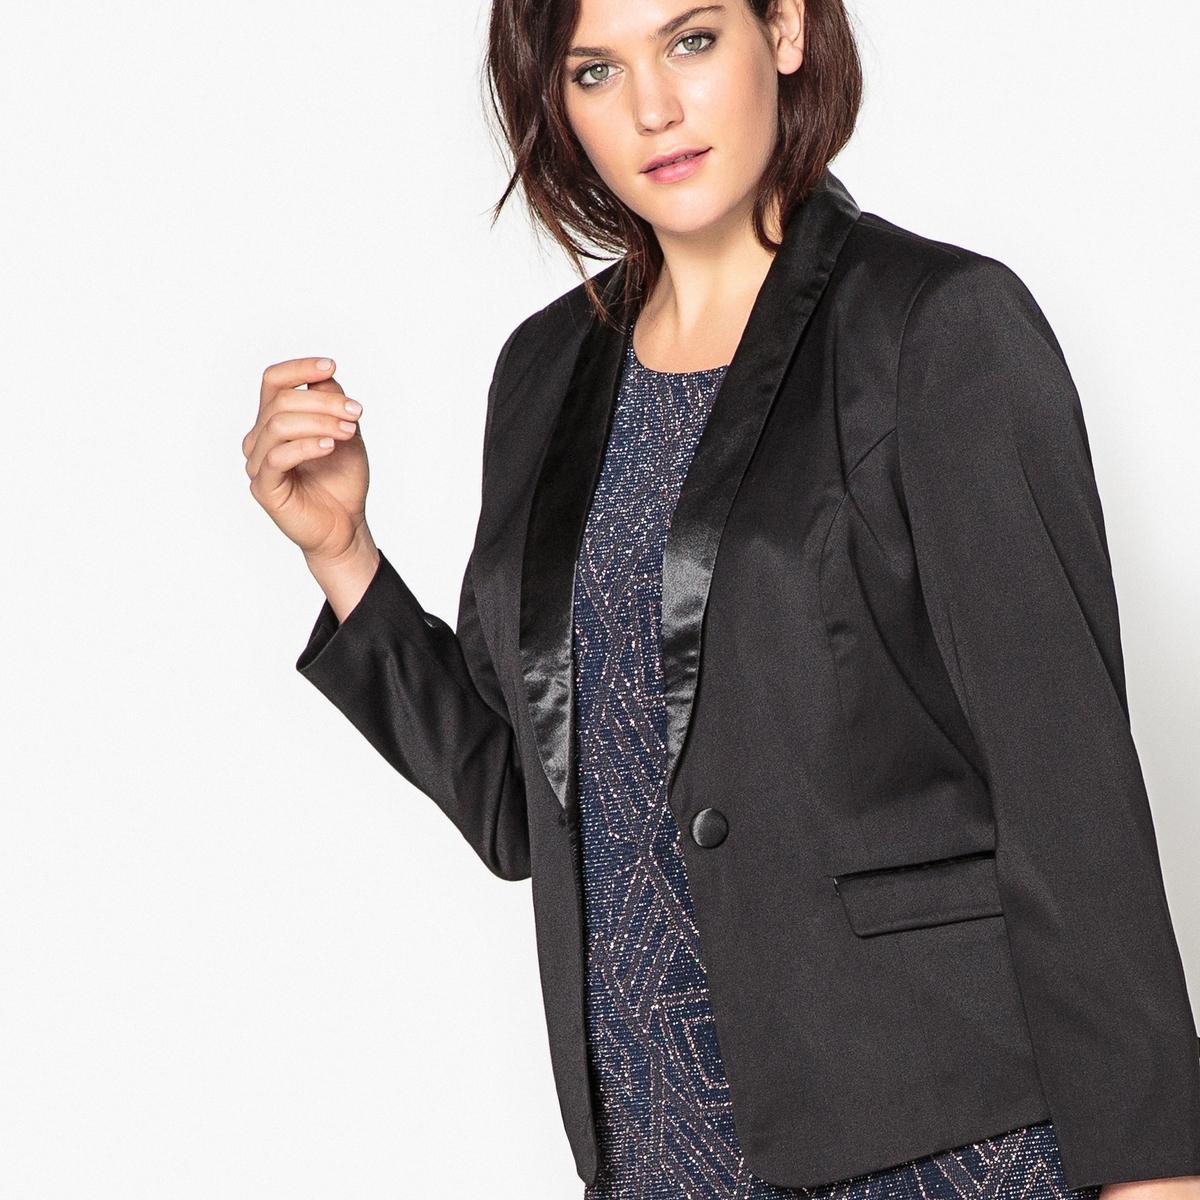 Куртка-блейзер приталеннаяКуртка покроя смокинг будет идеально смотреться в сочетании с вечерним платьем.  Элегантная куртка на любой случай в стиле смокинг быстро станет вашей любимым предметом гардероба.Детали •  Блейзер •  Приталенный покрой  •  Длина : укороченная •  Шалевый воротникСостав и уход •  33% вискозы, 3% эластана, 64% полиэстера •  Температура стирки при 30° на деликатном режиме  •  Сухая чистка и отбеливание запрещены •  Не использовать барабанную сушку  •  Низкая температура глажки Товар из коллекции больших размеров<br><br>Цвет: черный